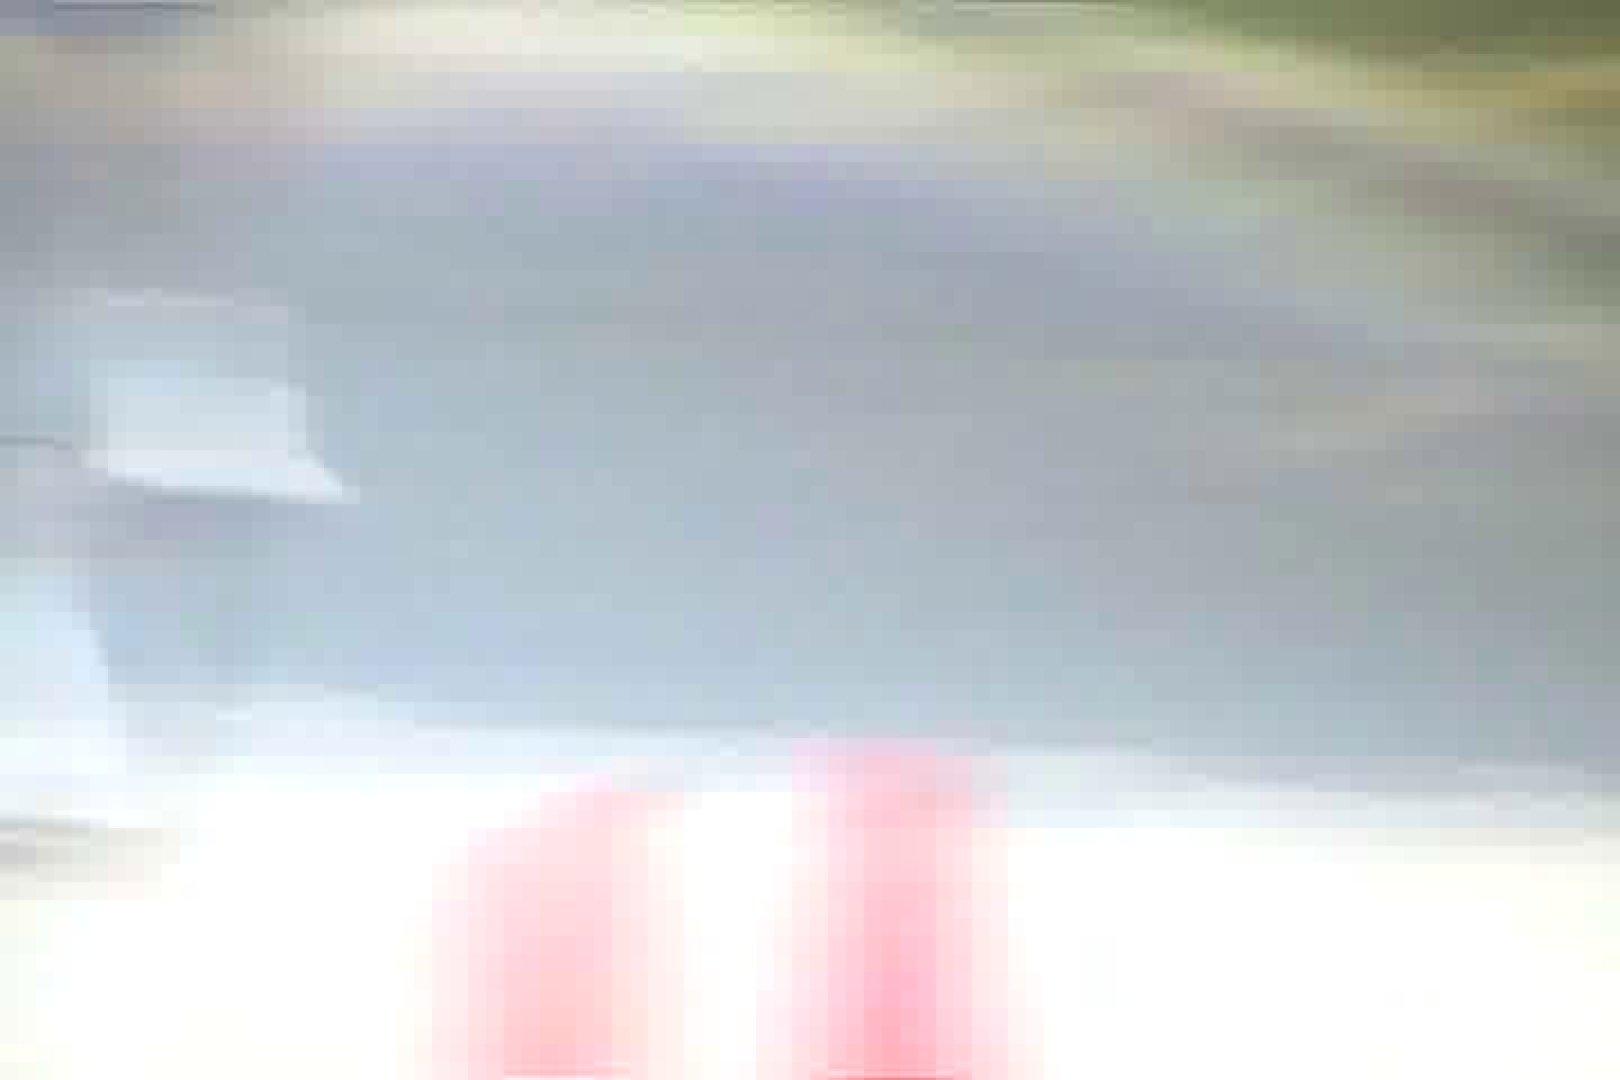 鉄人レース!!トライアスロンに挑む女性達!!Vol.4 乳首ポロリ  56画像 15